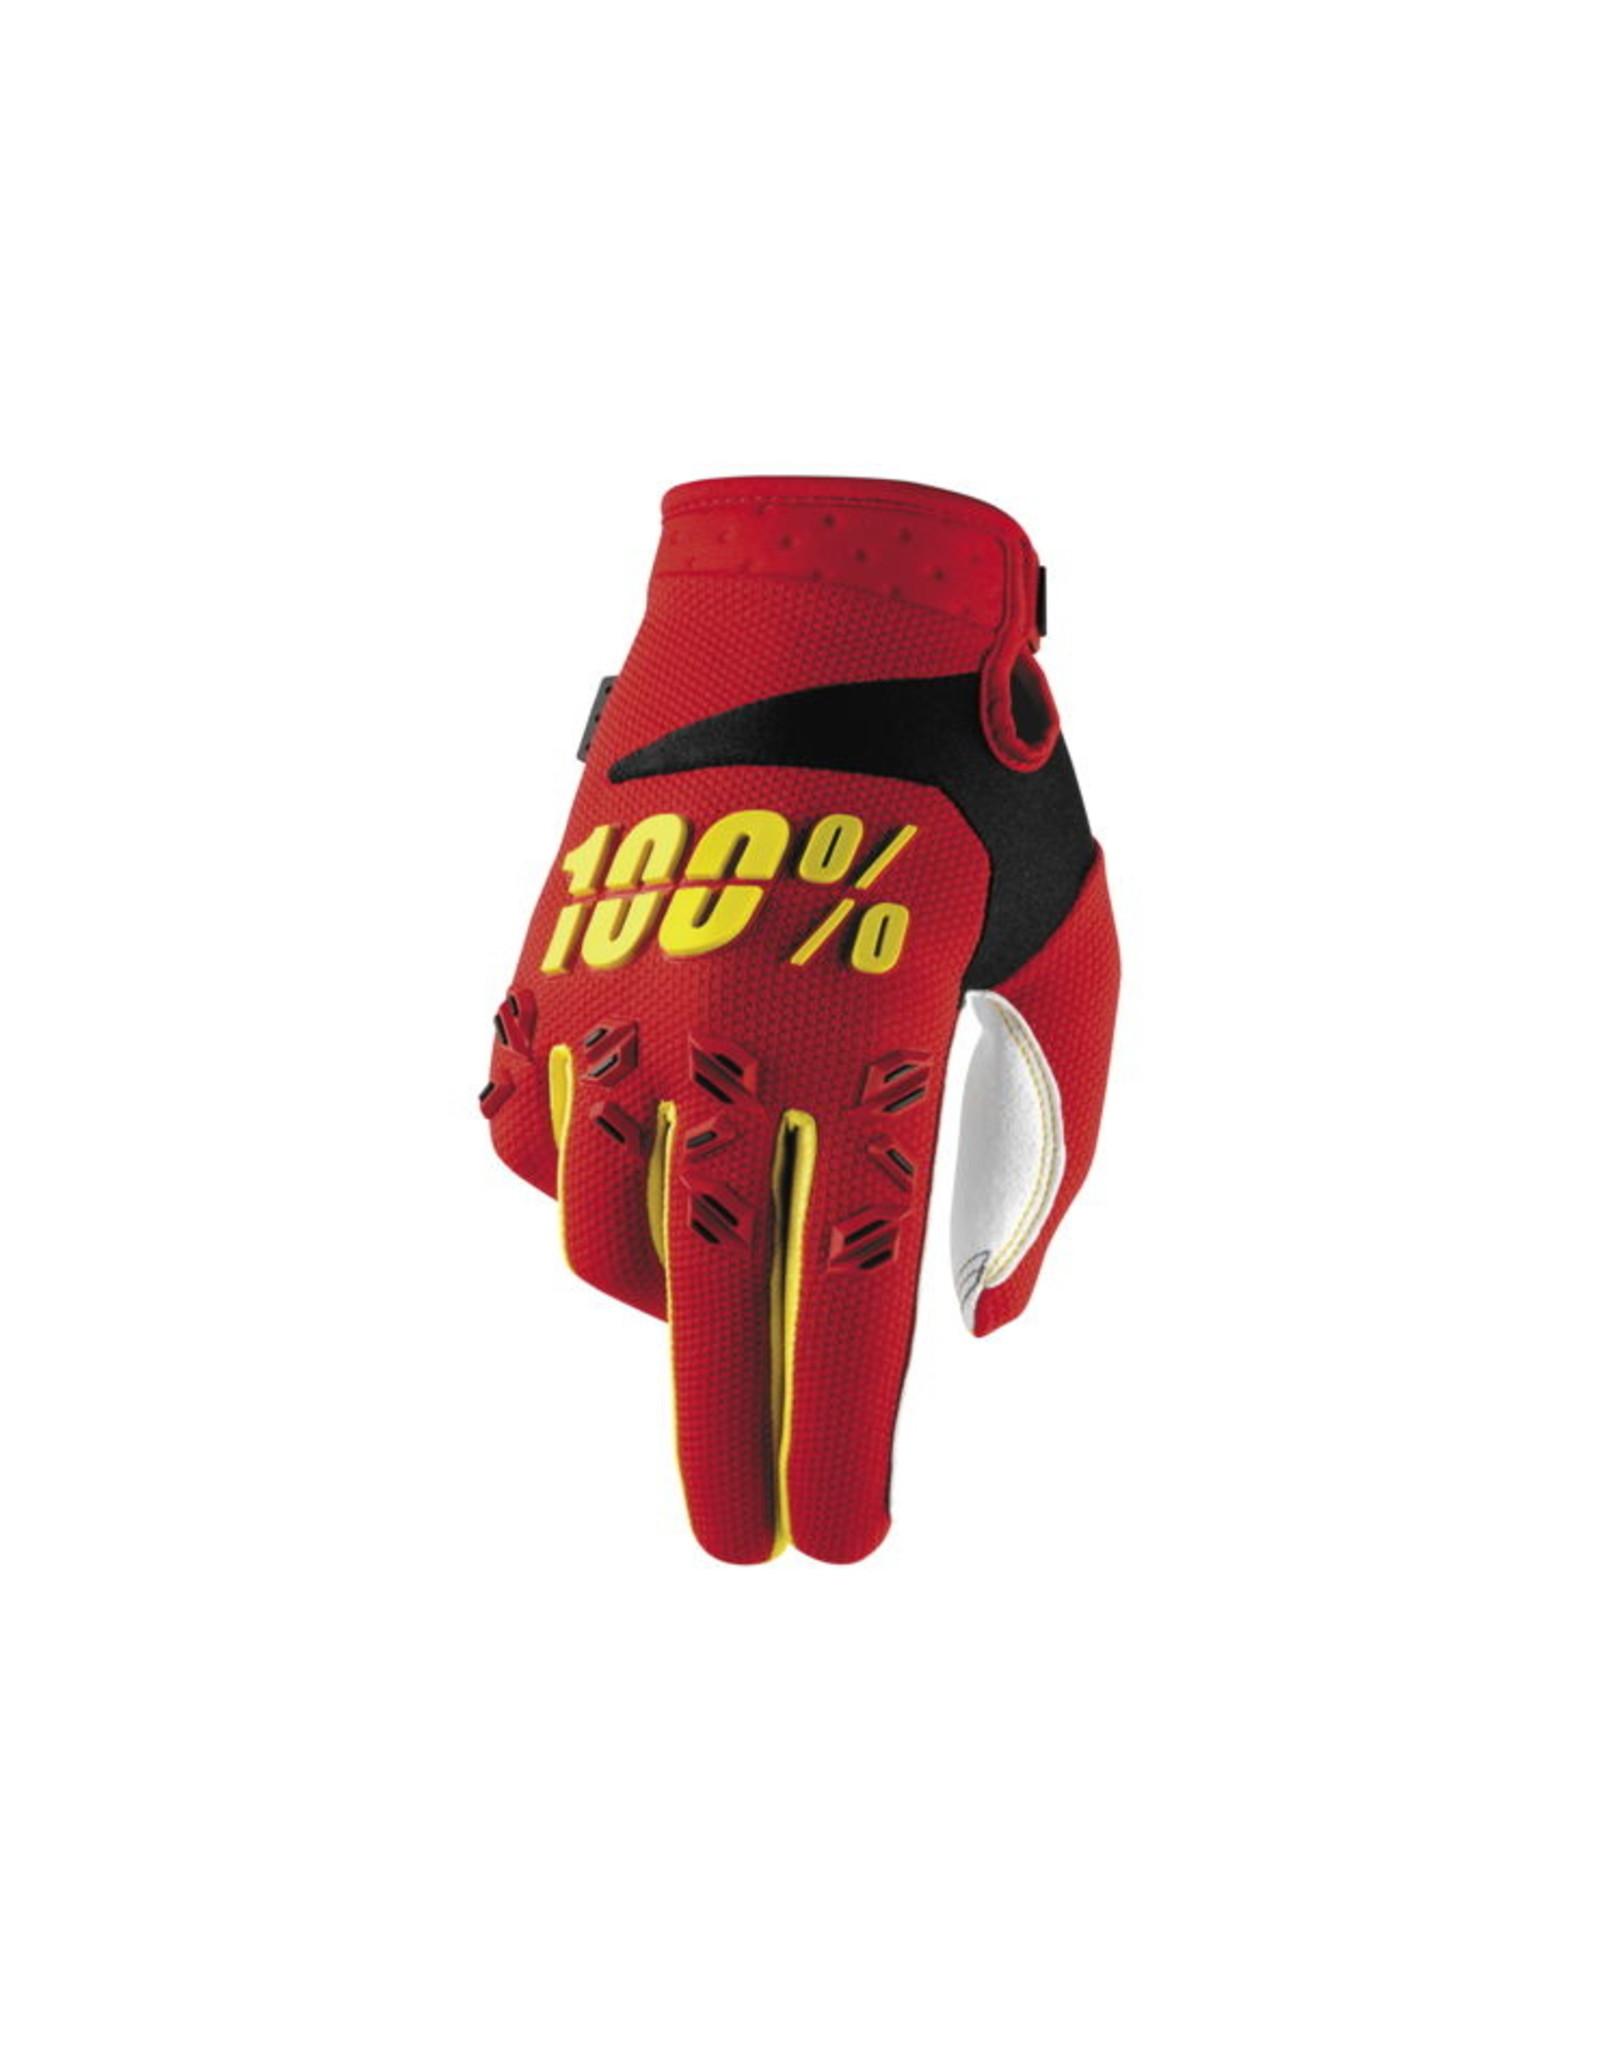 100% Gants Airmatic